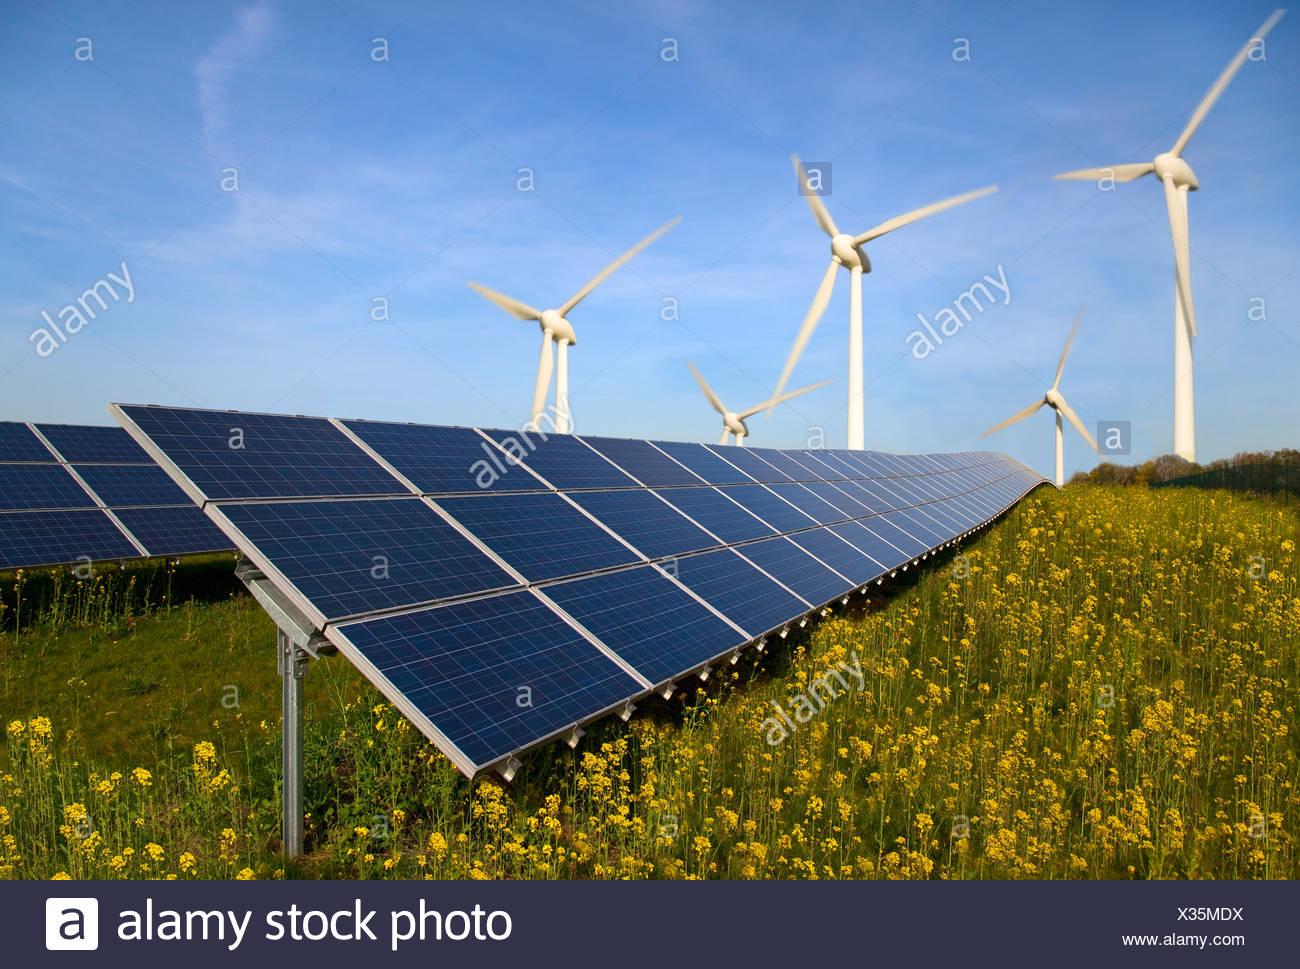 Solarzellen und Windräder im Bereich Stockbild